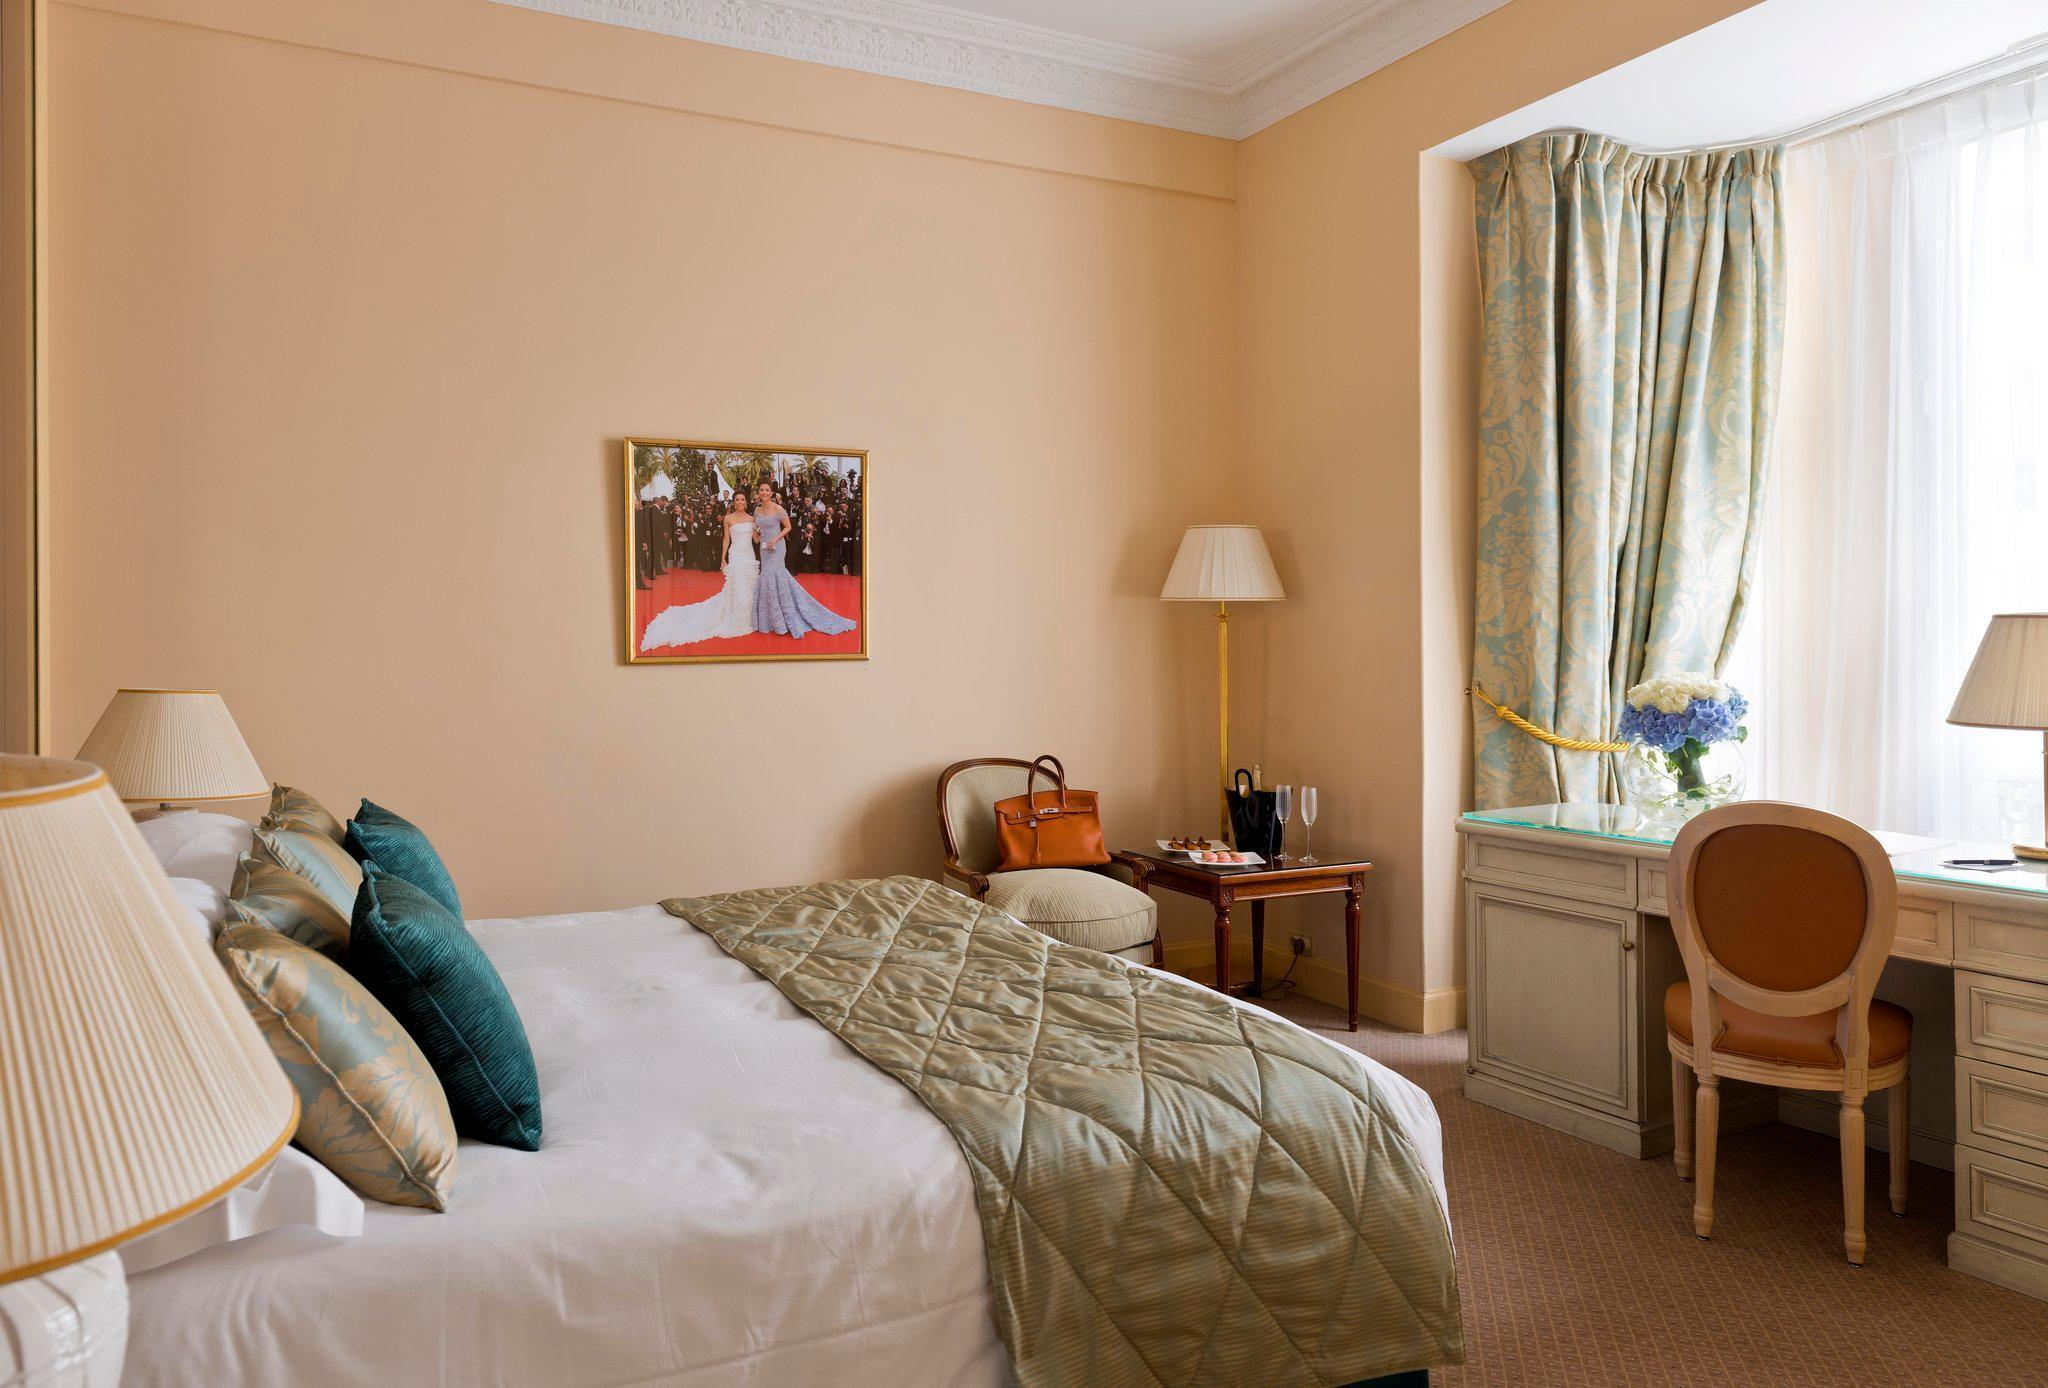 Comment Avoir Une Chambre Propre intercontinental carlton cannes hotel - deals, photos & reviews